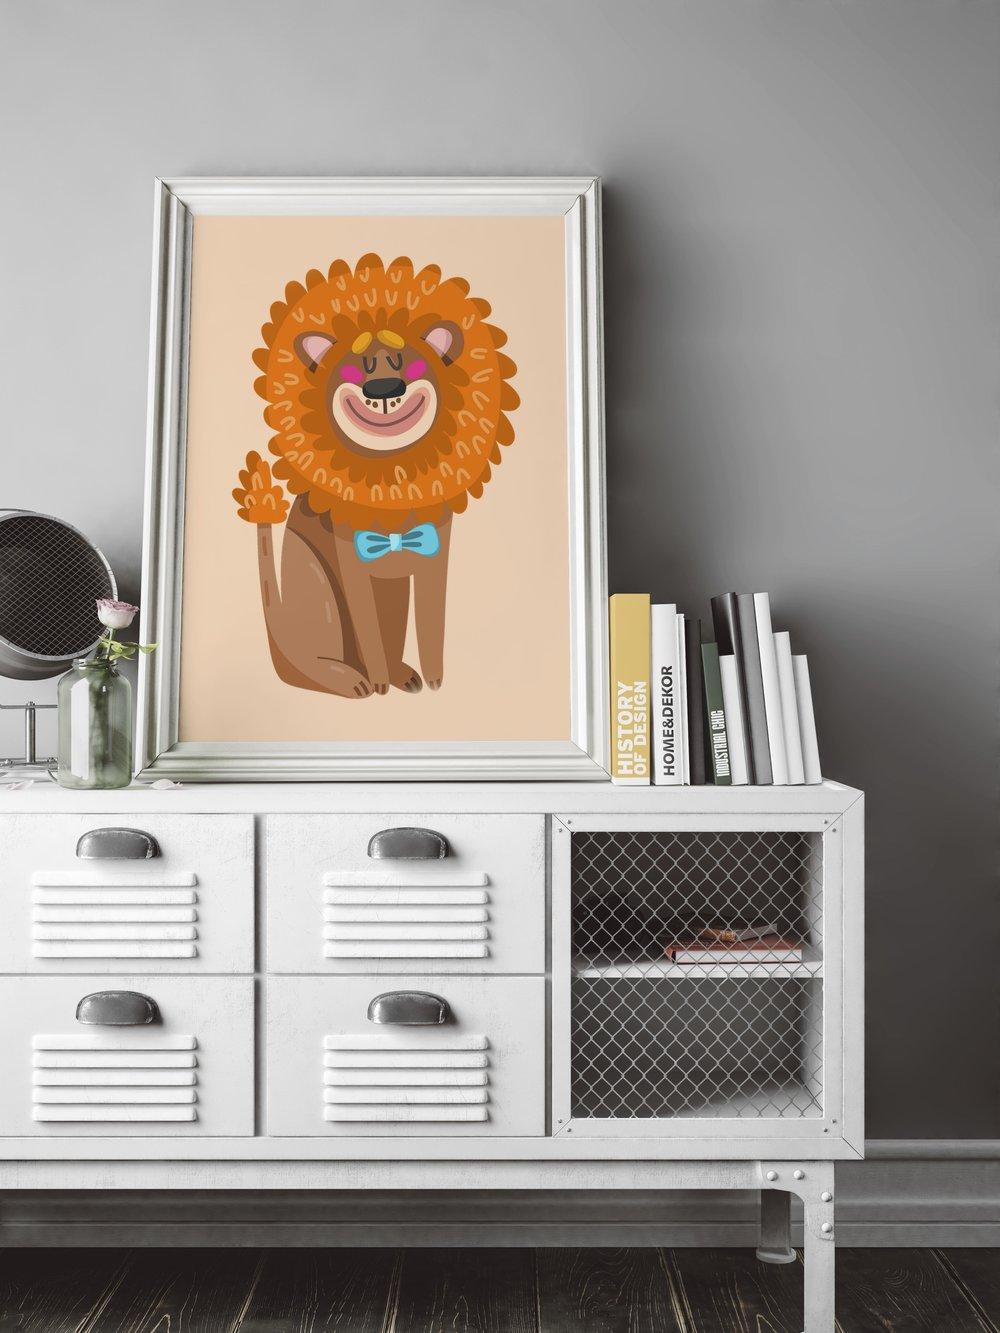 Animal themed art https://crmrkt.com/6BW1kD